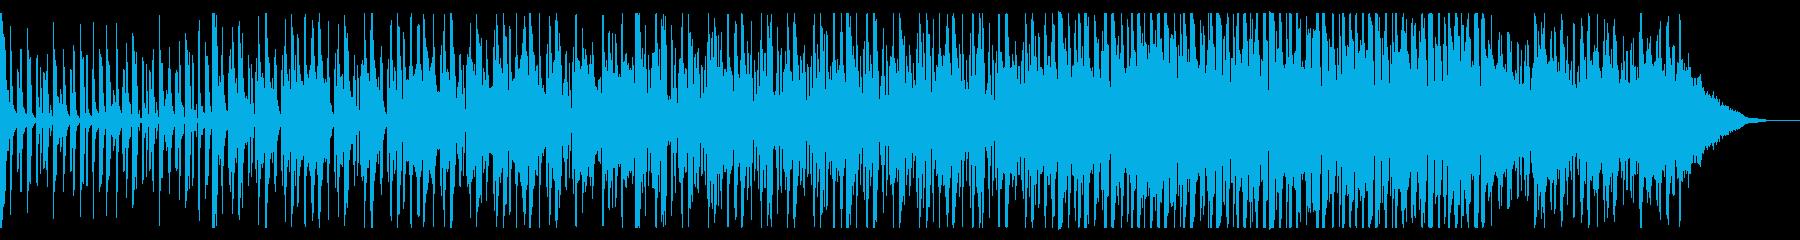 シックでダークなダンスミュージックの再生済みの波形